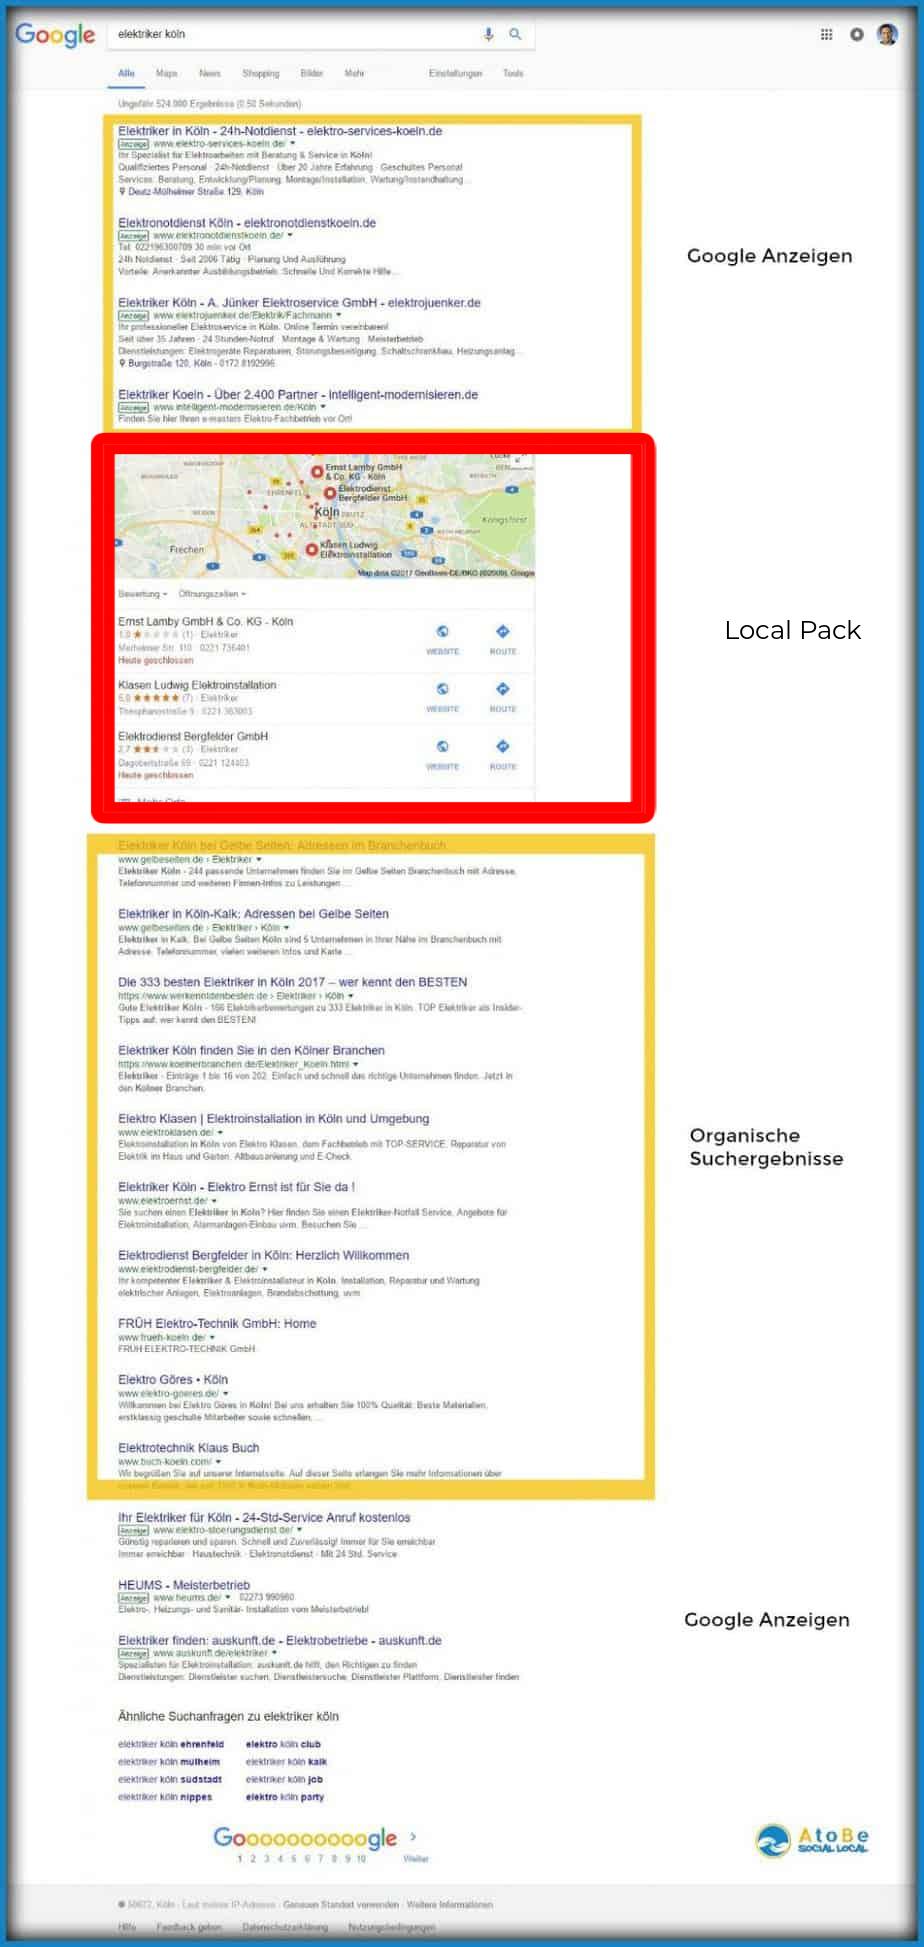 elektriker_kln_-_Google-Suche_rLRX71 (1).jpg